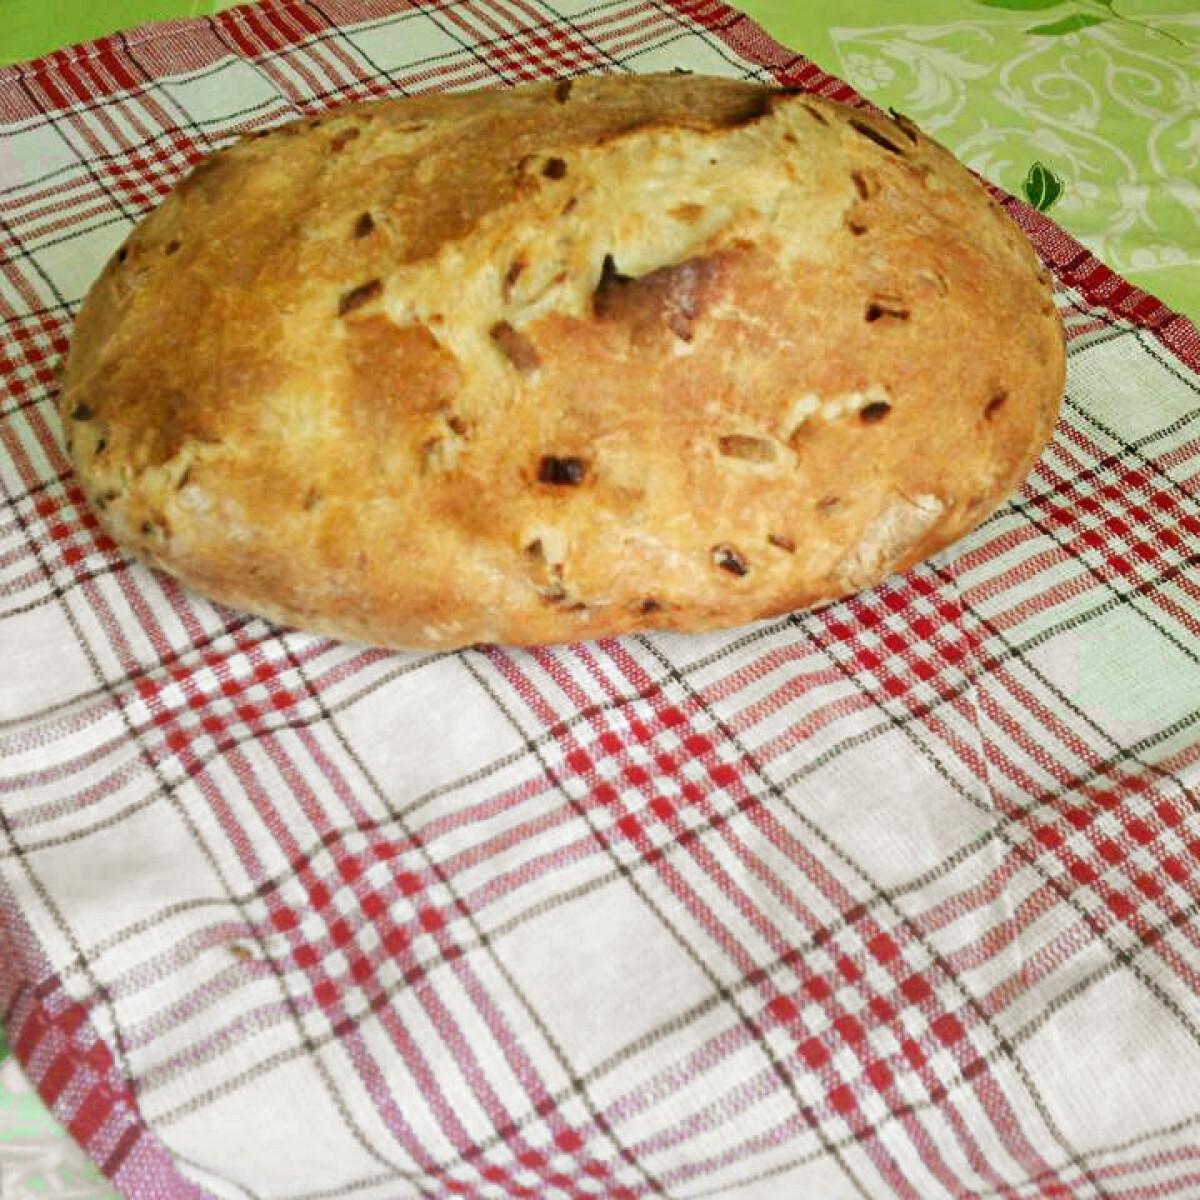 Hagymás kenyér Laci konyhájából